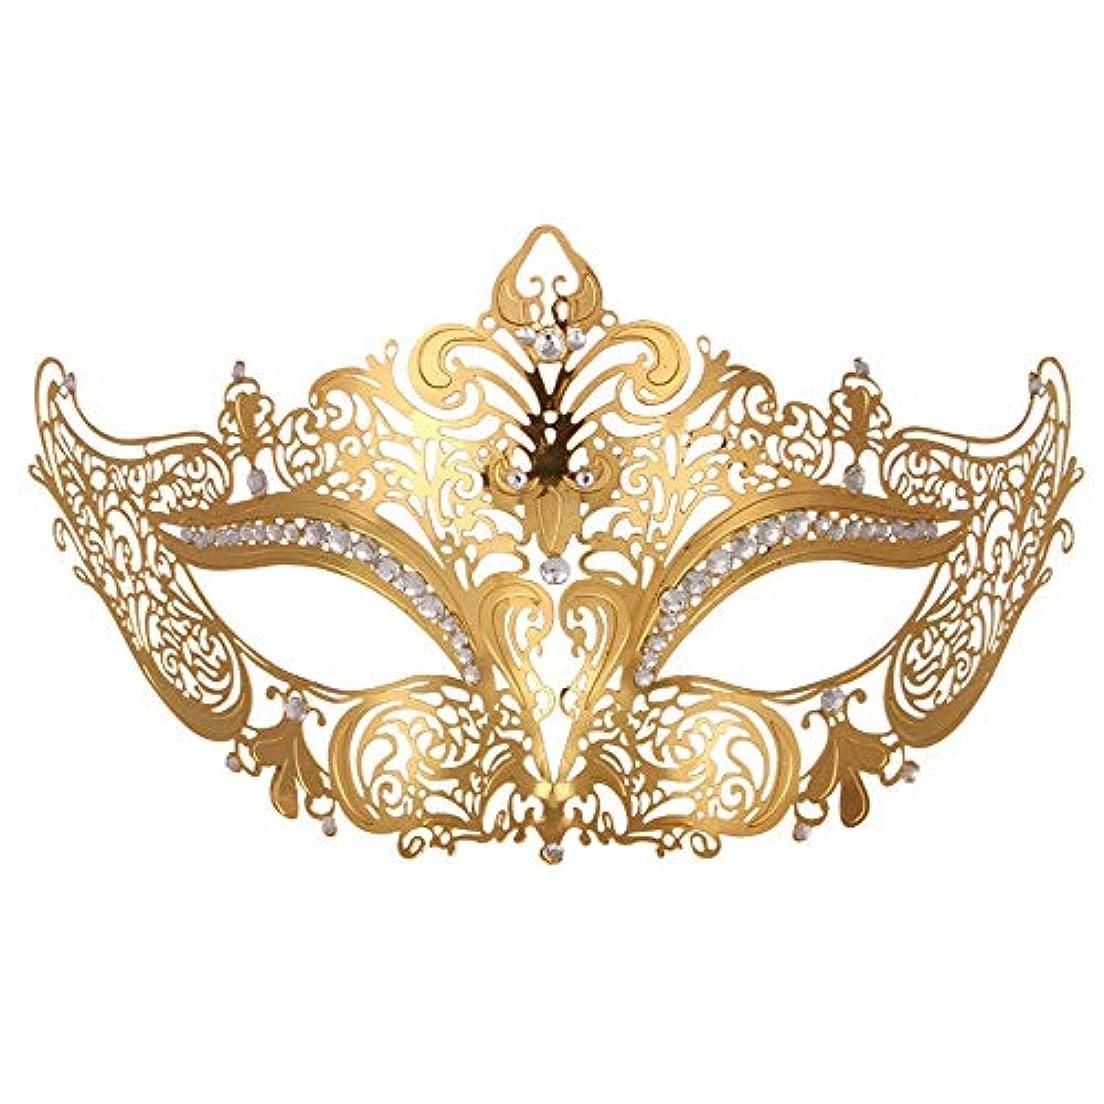 ブランチましいポールダンスマスク 高級金メッキ銀マスク仮装小道具ロールプレイングナイトクラブパーティーマスク ホリデーパーティー用品 (色 : ゴールド, サイズ : Universal)